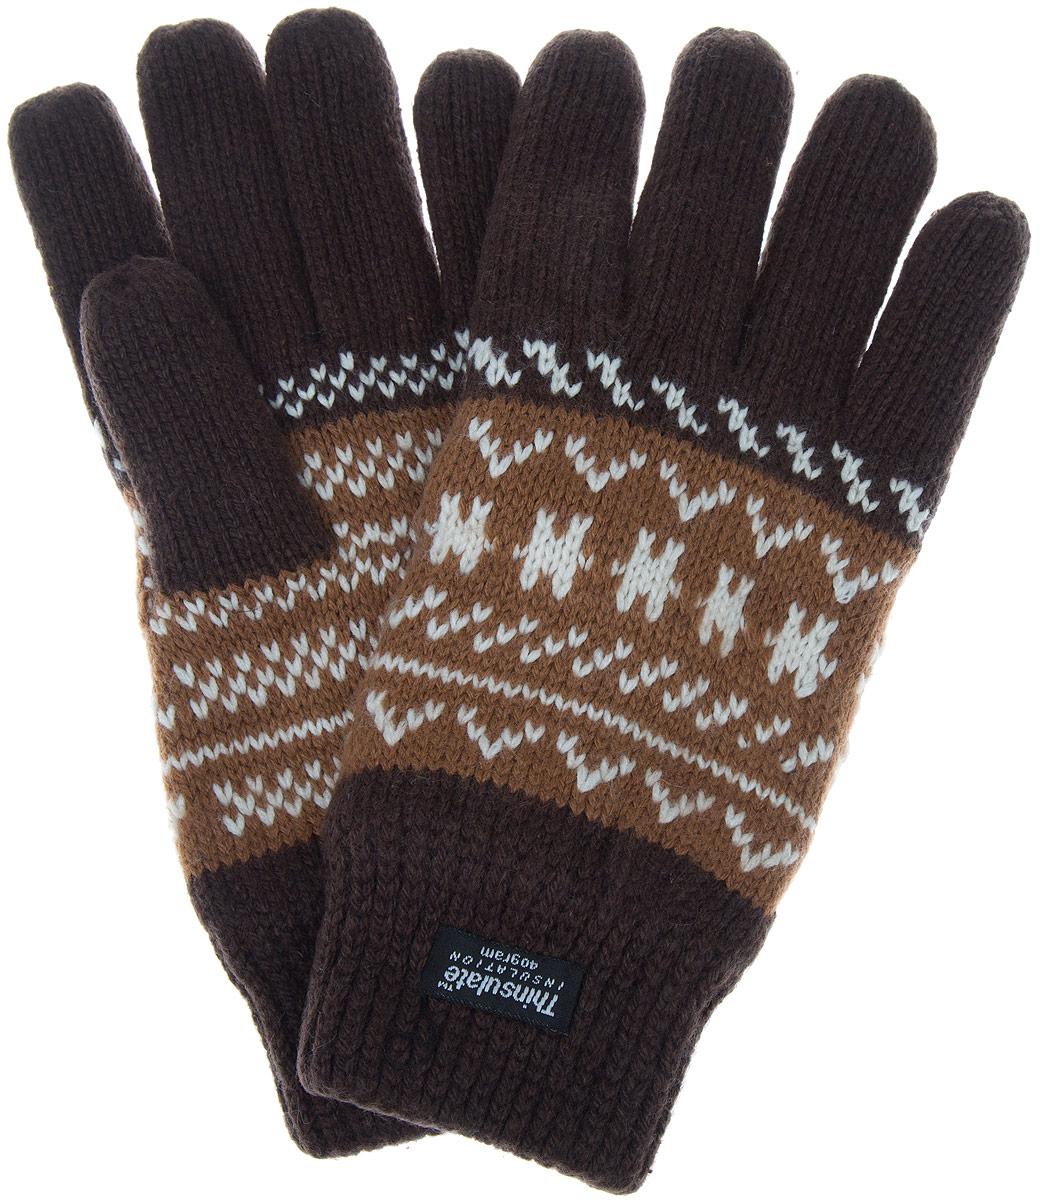 ПерчаткиM8Теплые мужские перчатки Modo надежно защитят ваши руки от холода! Перчатки выполнены из шерсти и акрила с подкладкой из мягкого флиса. Такие перчатки станут отличным дополнением к вашему зимнему гардеробу!